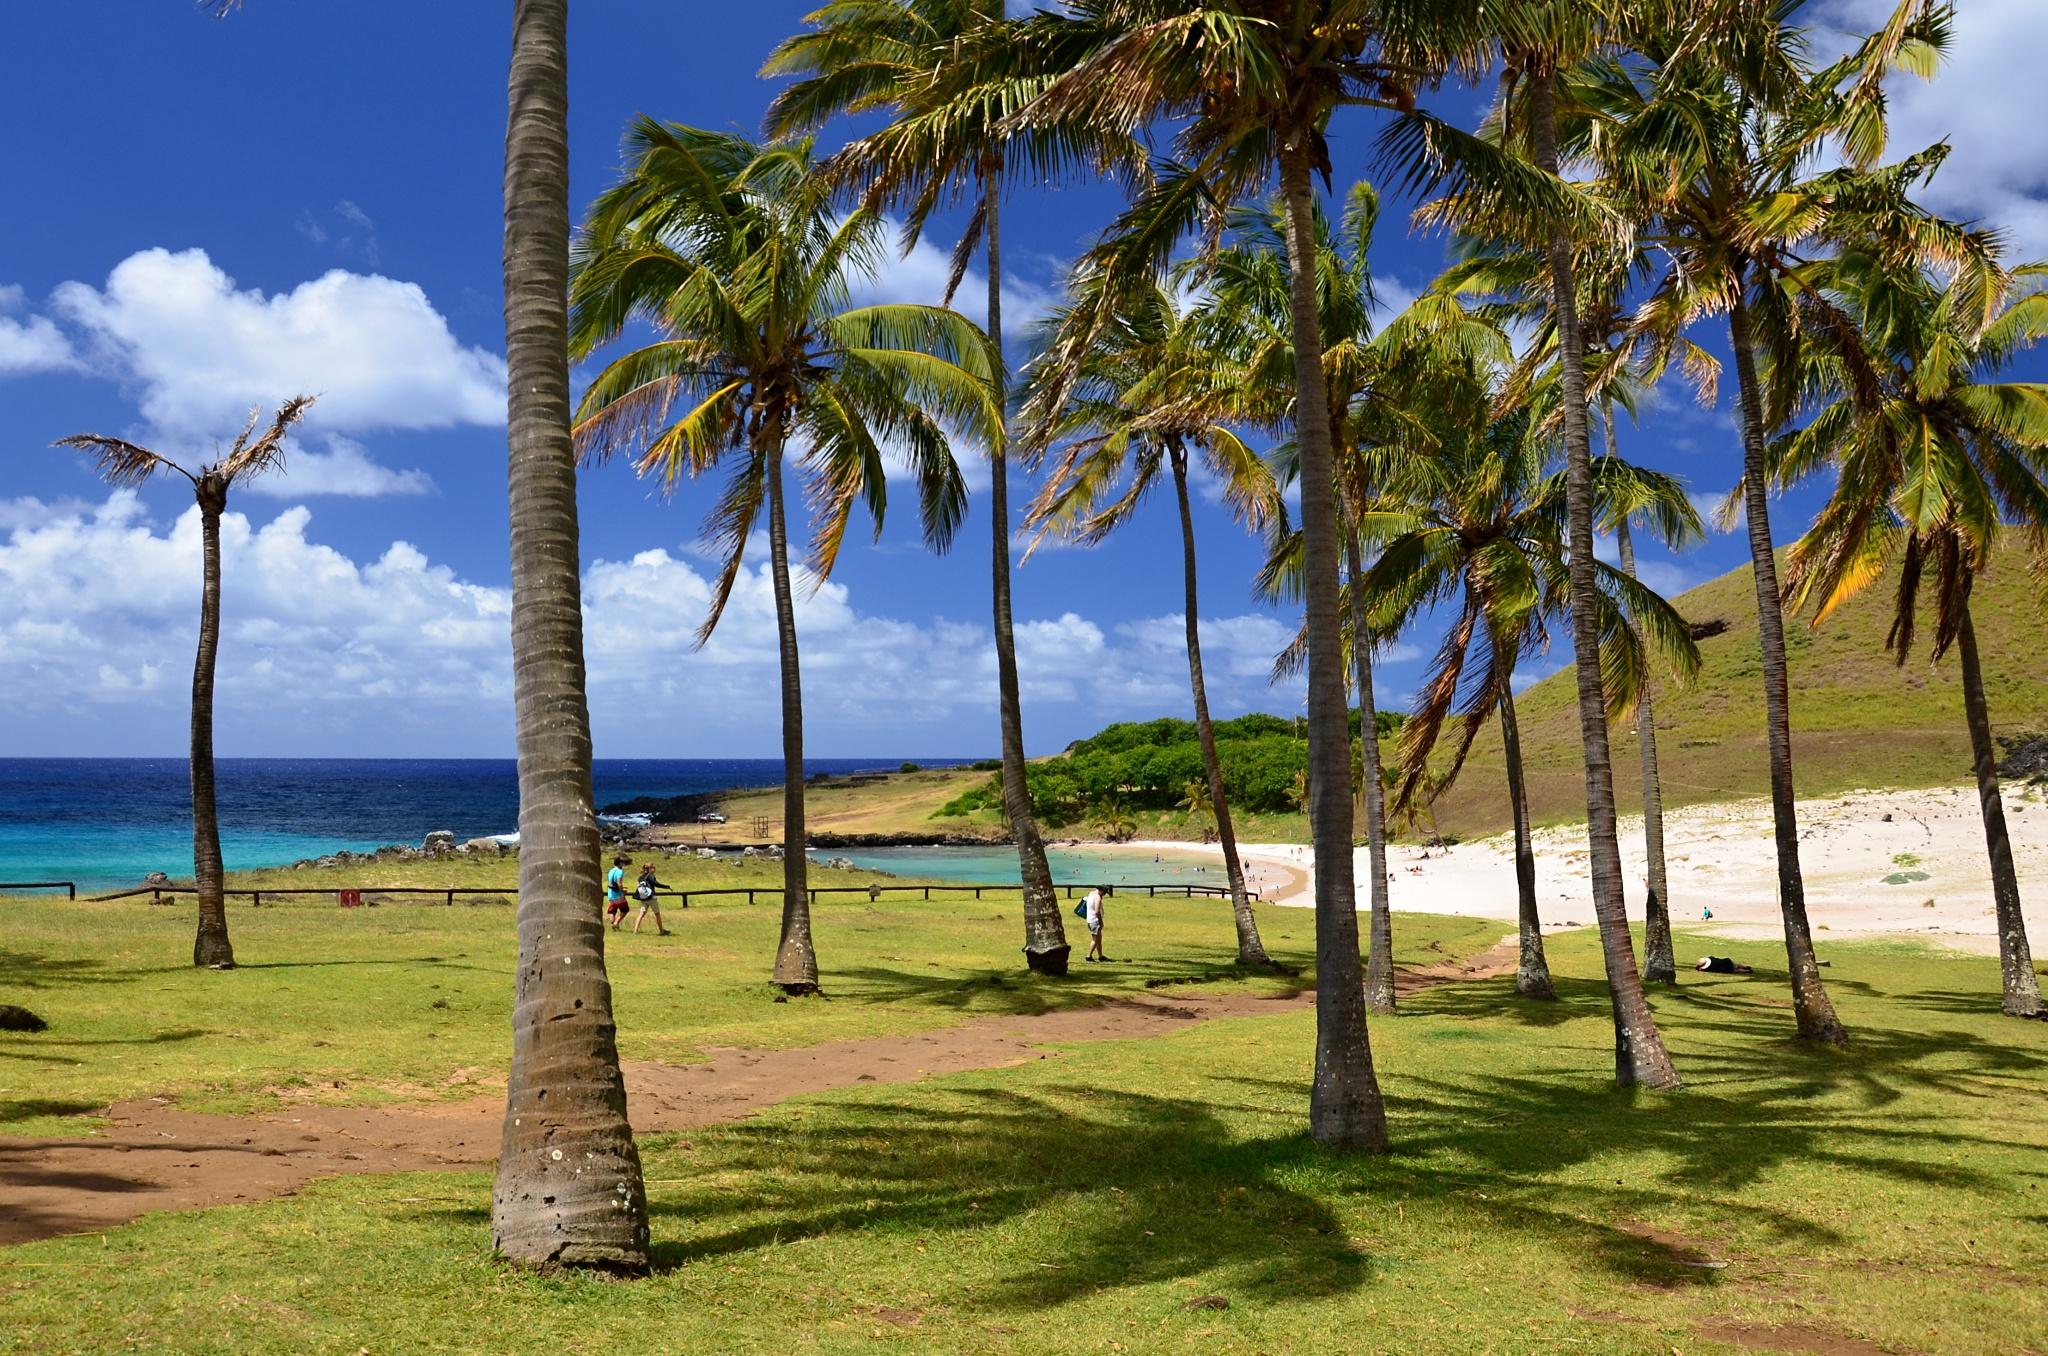 Palmový háj na pláži Anakena, kudy se občas přežene stádo divokých koní